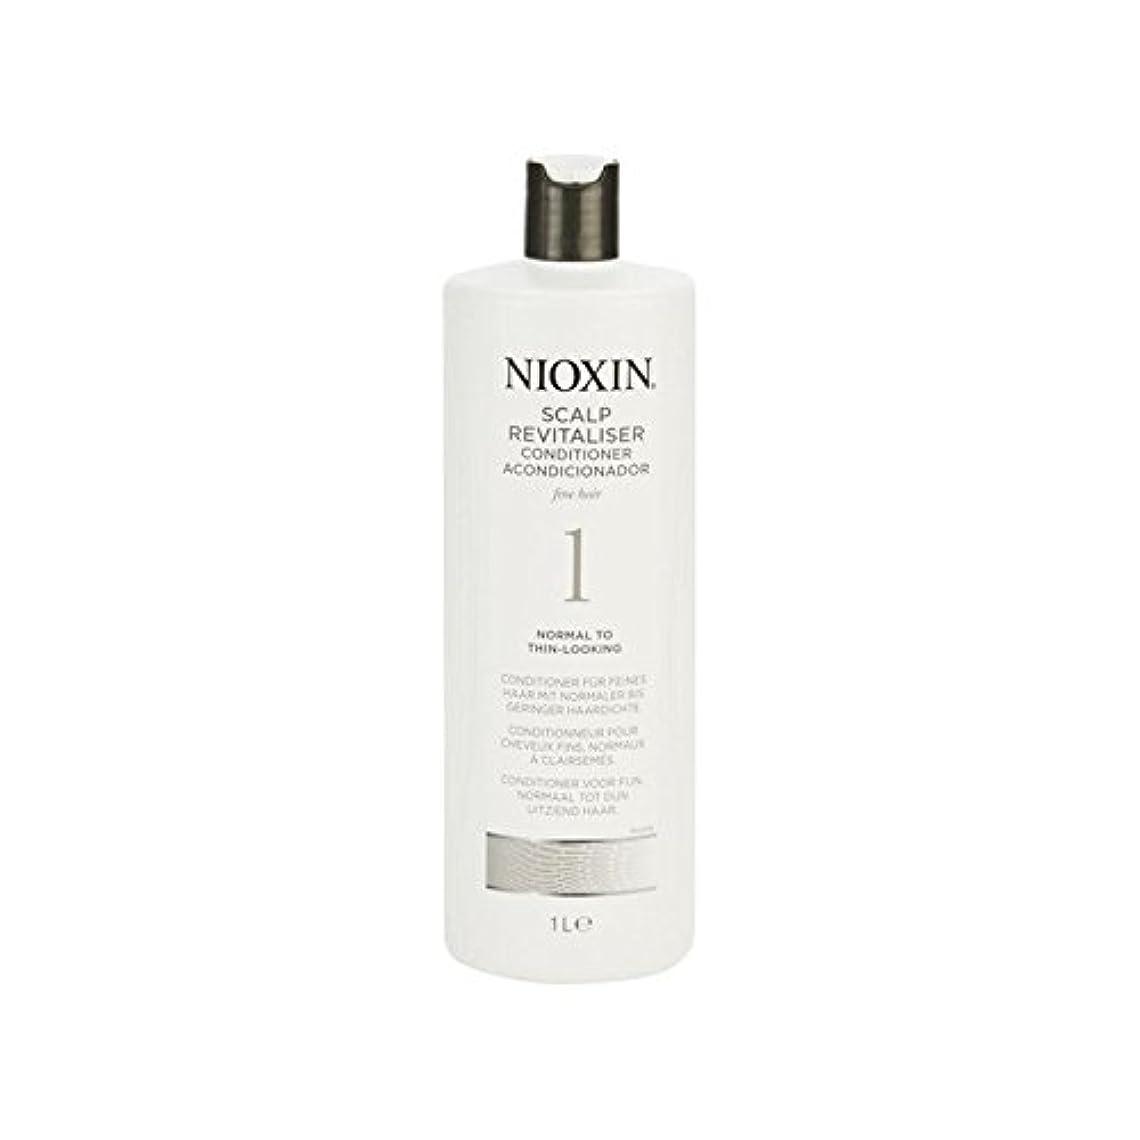 三角マイクロプロセッサ追い越す細かい自然な髪千ミリリットルに、通常のためニオキシンシステム1人の頭皮コンディショナー x4 - Nioxin System 1 Scalp Revitaliser Conditioner For Normal To Fine...